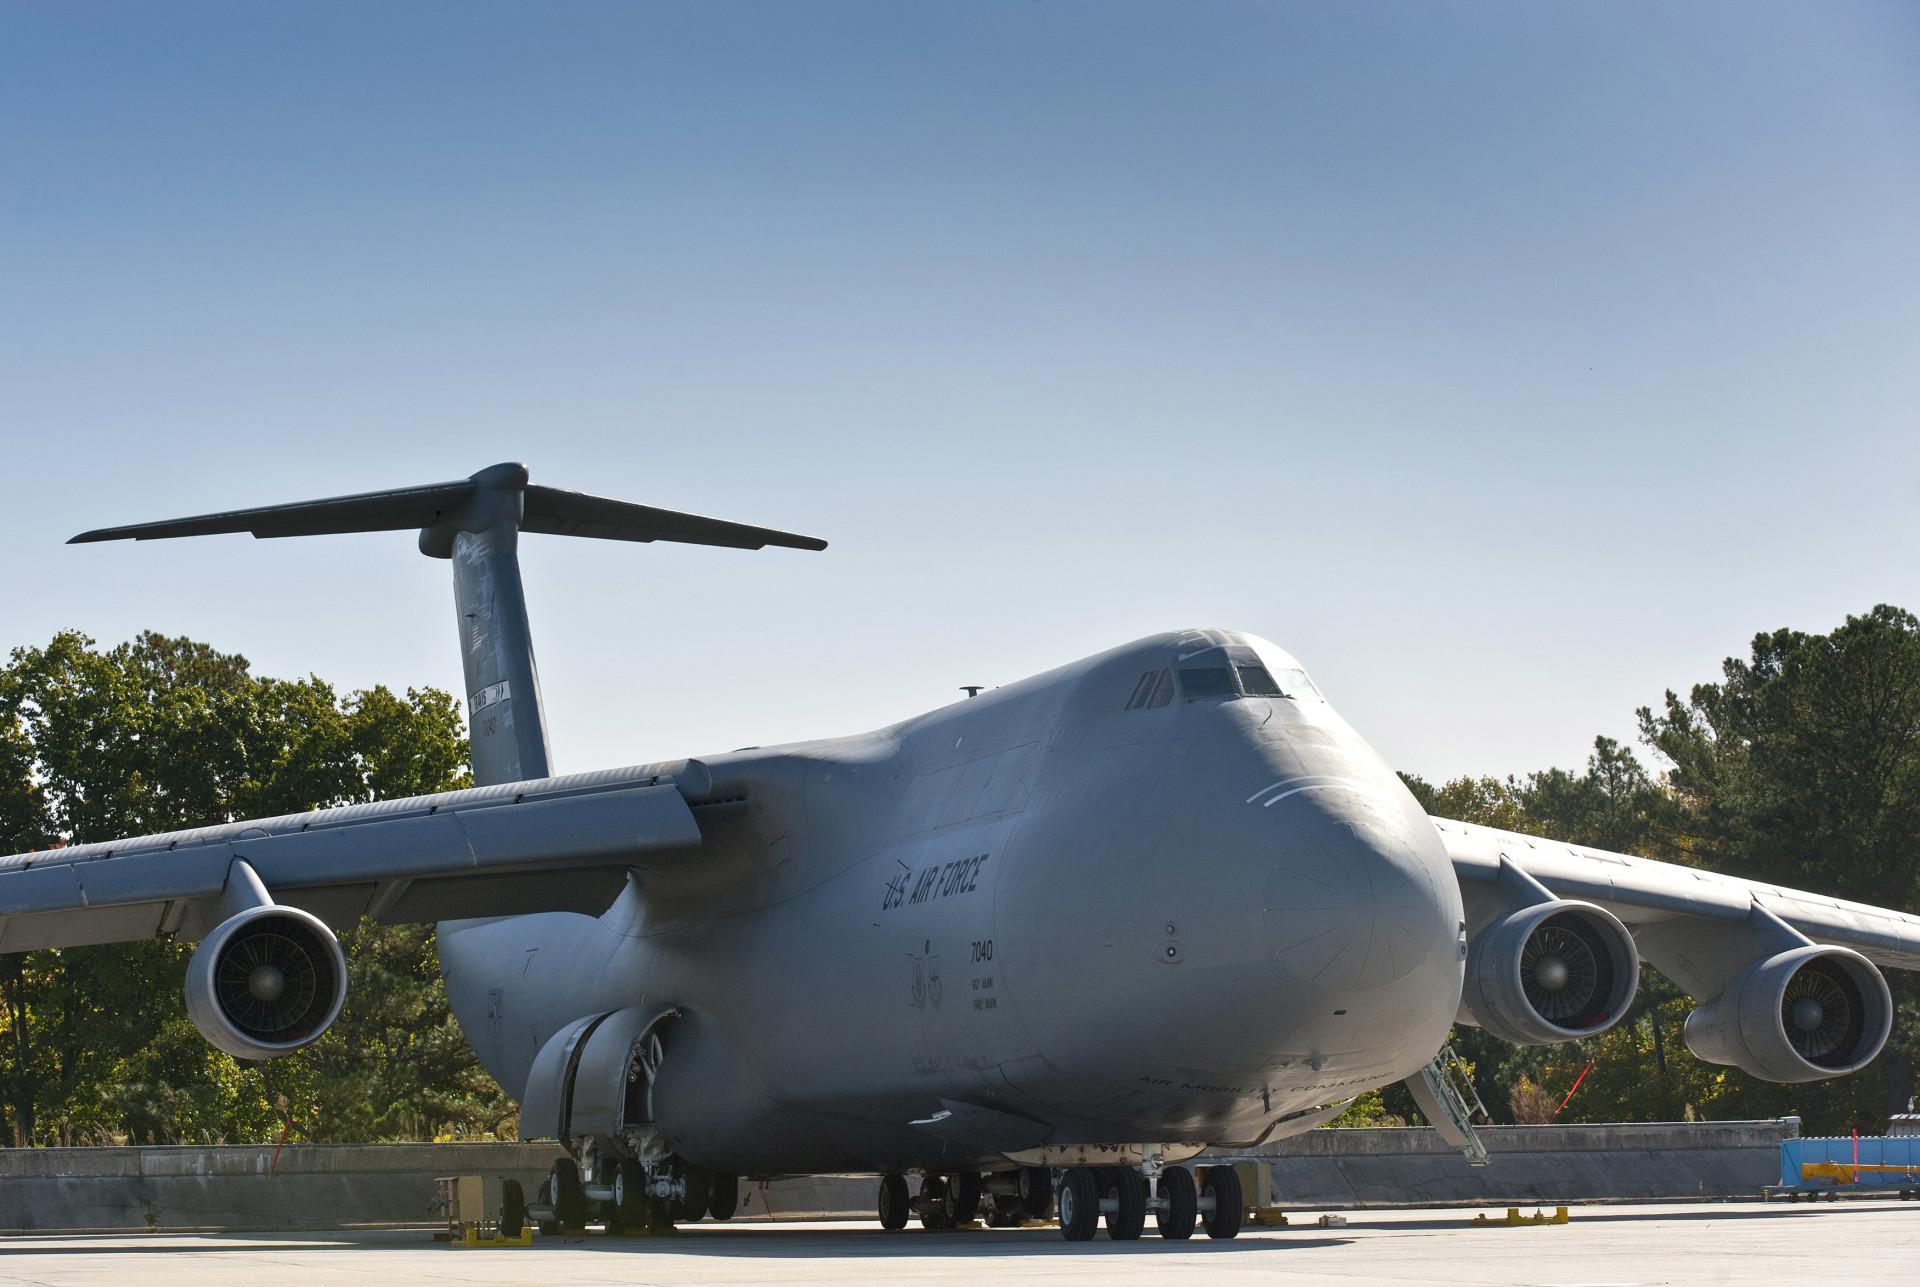 Monstruos aéreos: los aviones más grandes del mundo